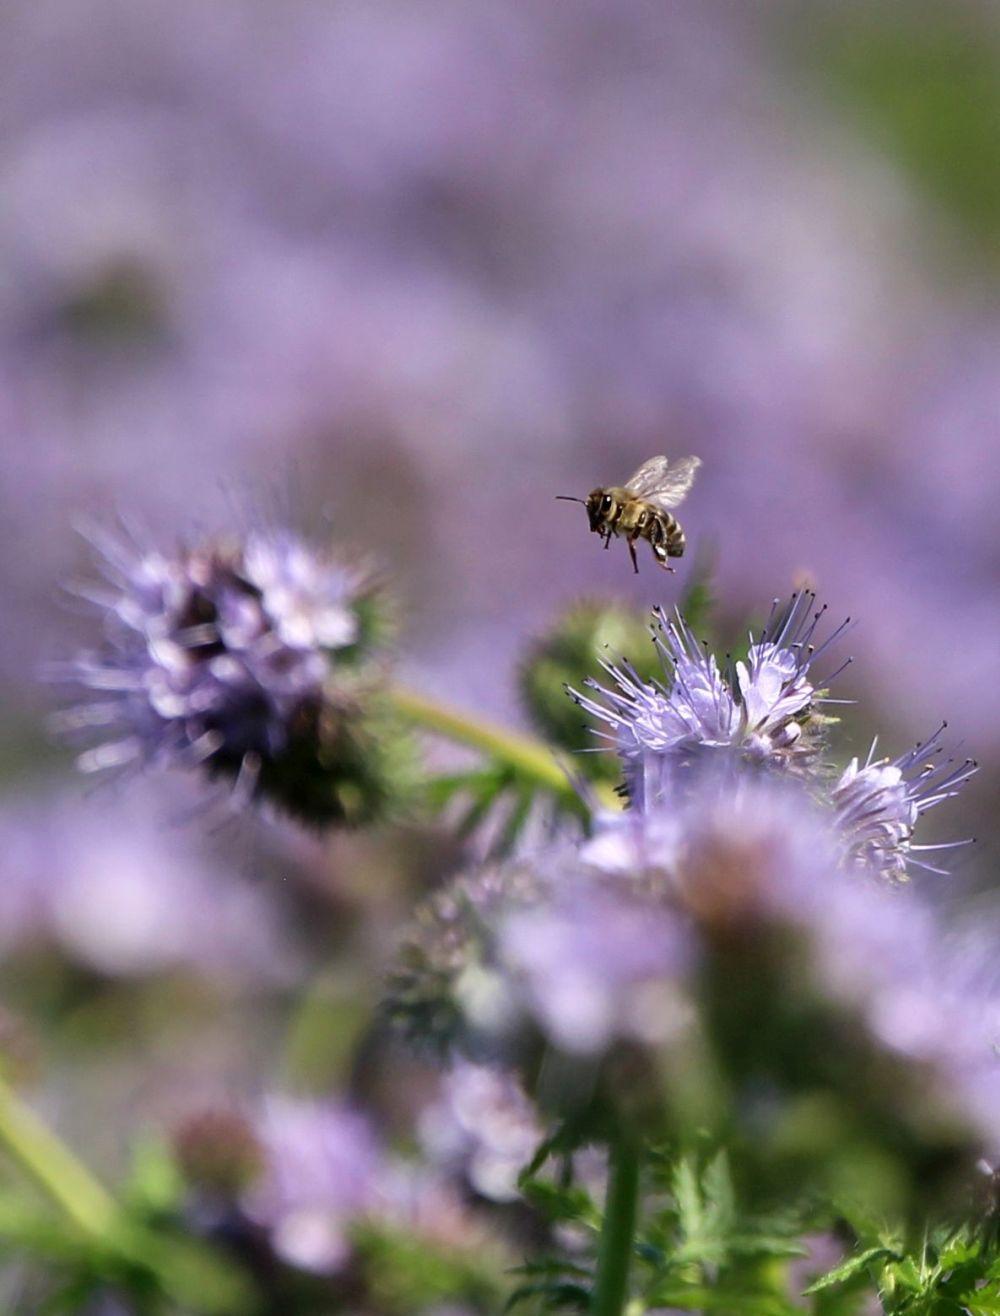 A biodiverzitás jelentős a facéliatábla szegélyében és belsejében is, a méhek aktívak a lilába borult területen